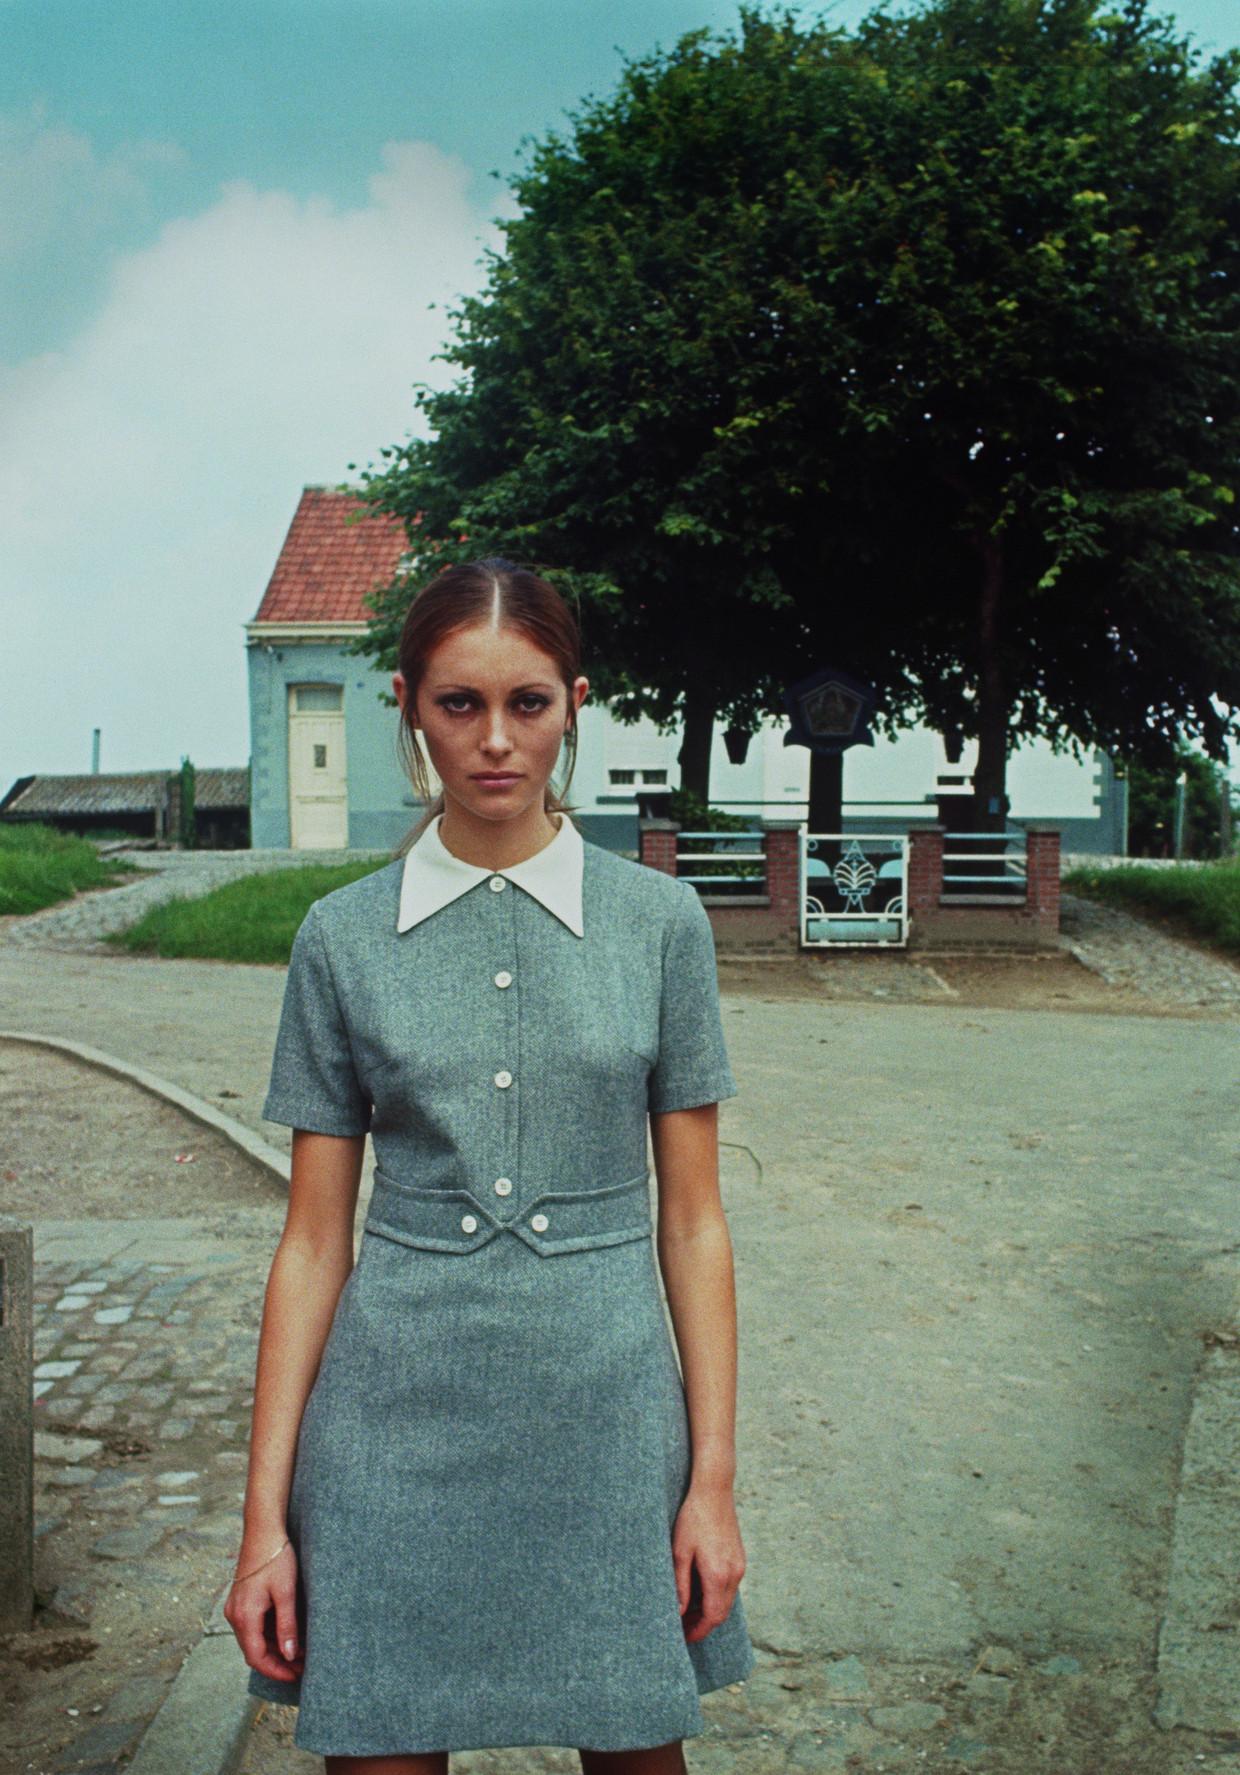 Foto uit Avenue, 1968. Beeld Spaarnestad Photo/Boudewijn Neuteboom